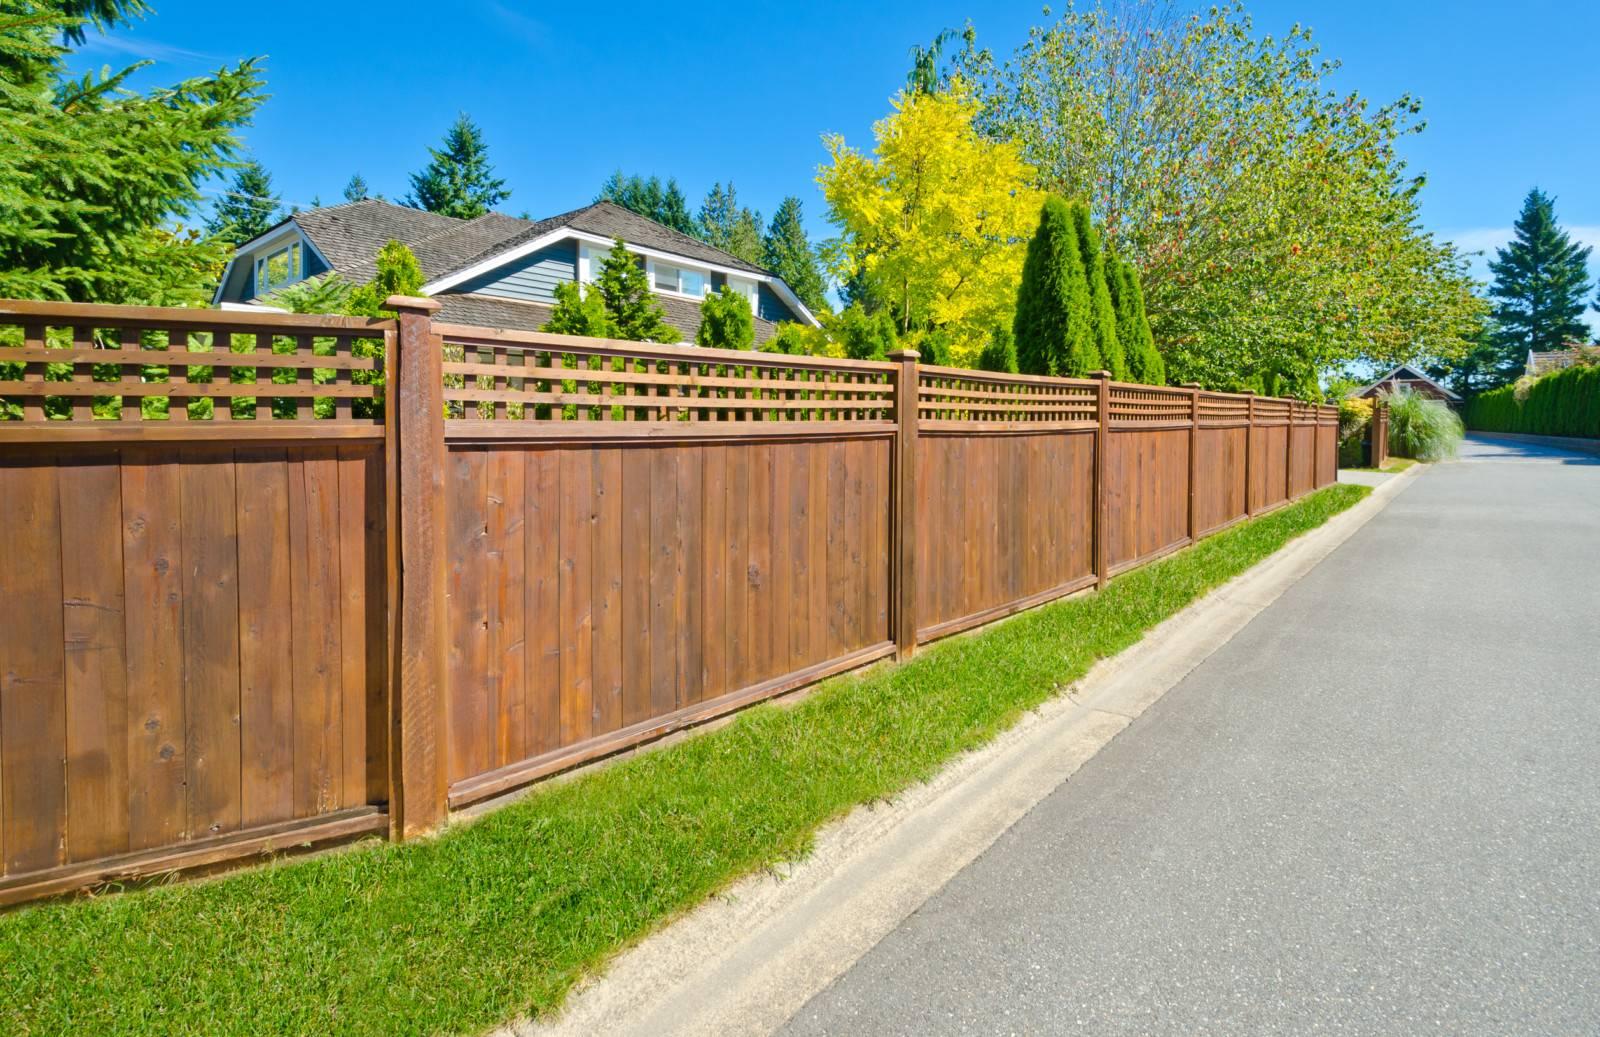 Высота и другие правила и нормы установки забора между соседями в частном доме и жилом секторе